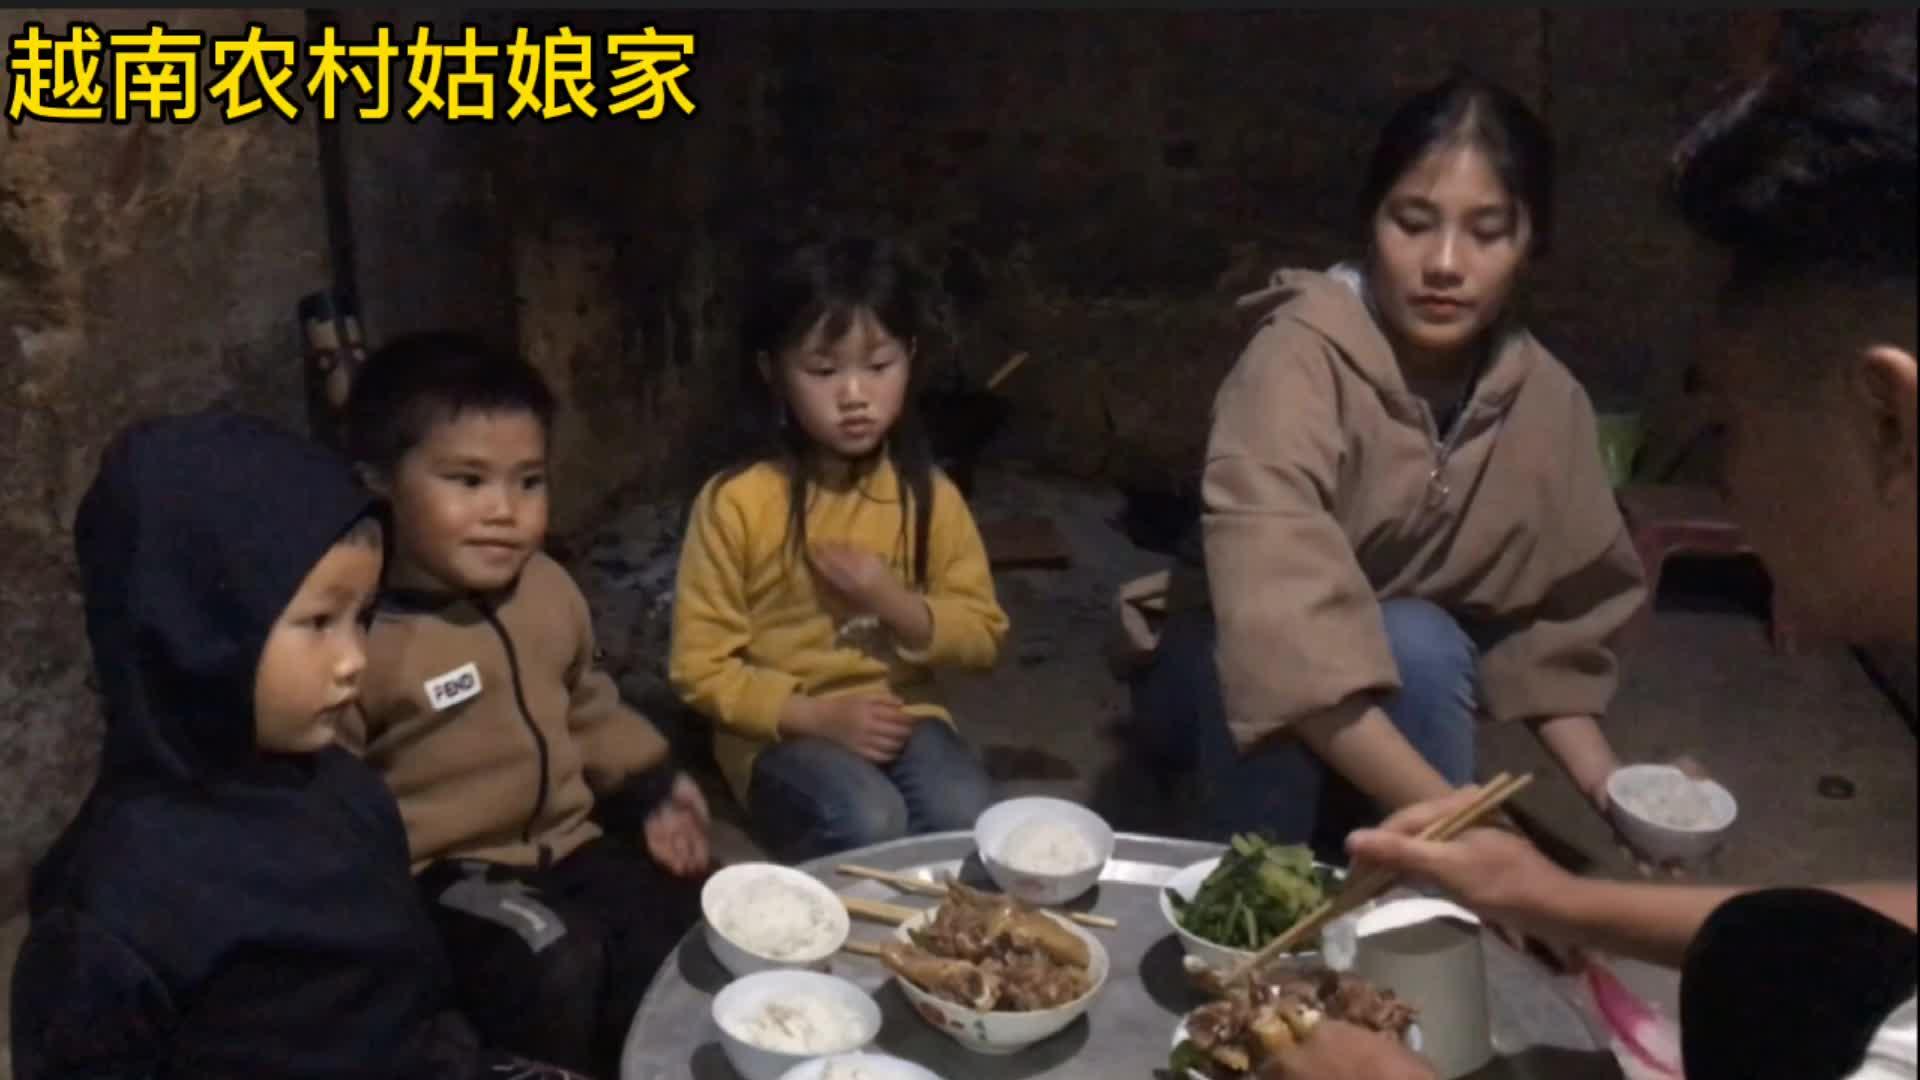 在越南农村姑娘家做晚饭,这可能是她们很久以来最丰盛的一餐!